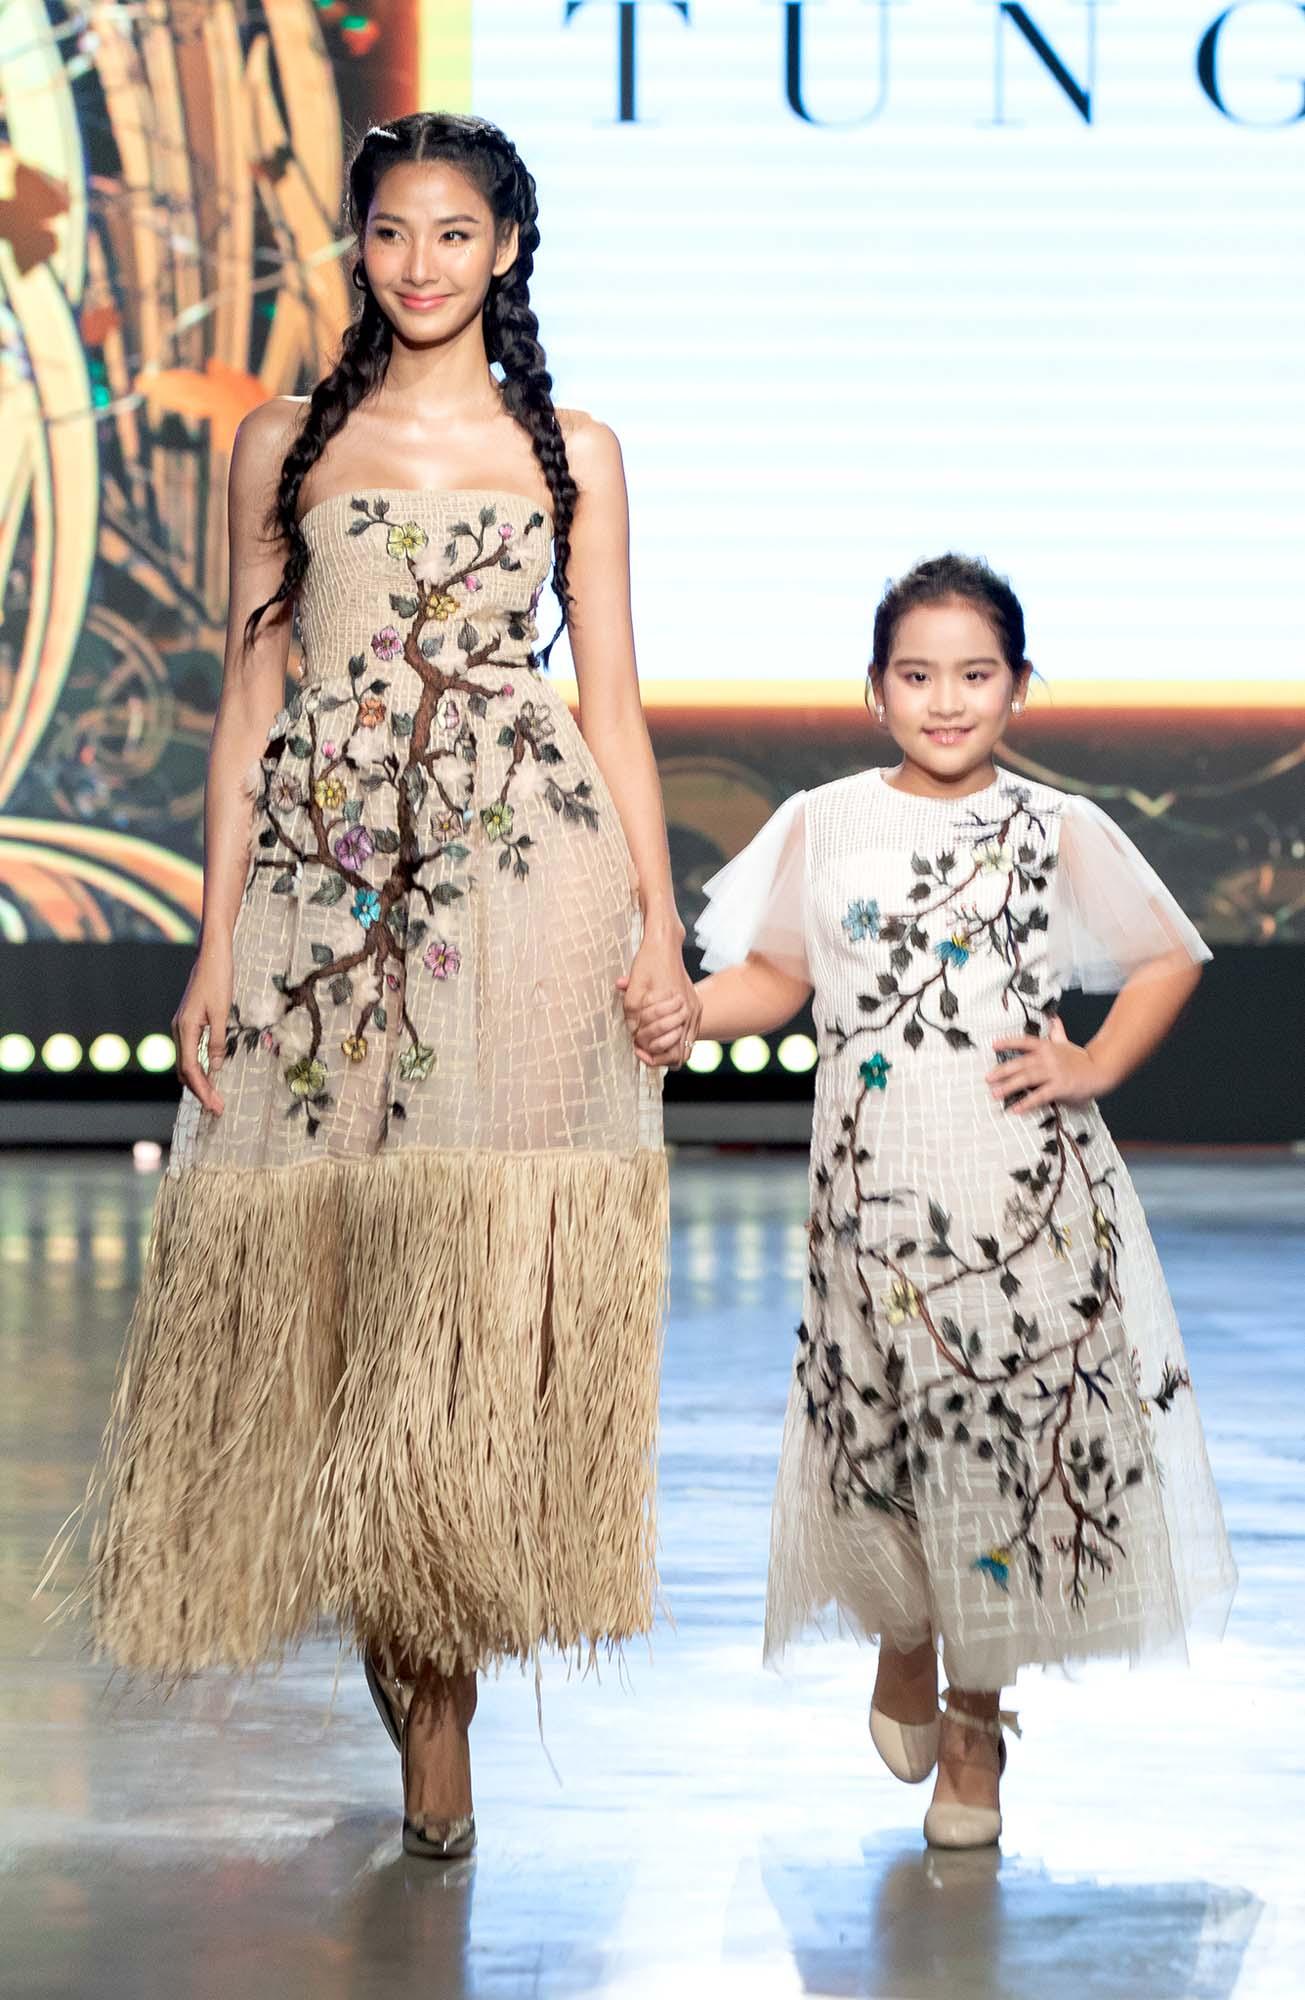 Mix & Phối - Mẫu nhí Bảo Hà catwalk với trăn khổng lồ, Á hậu Thúy Vân diện crop top khoe vòng eo sau sinh 2 tháng tại Fashion Festival 2020 - chanvaydep.net 4